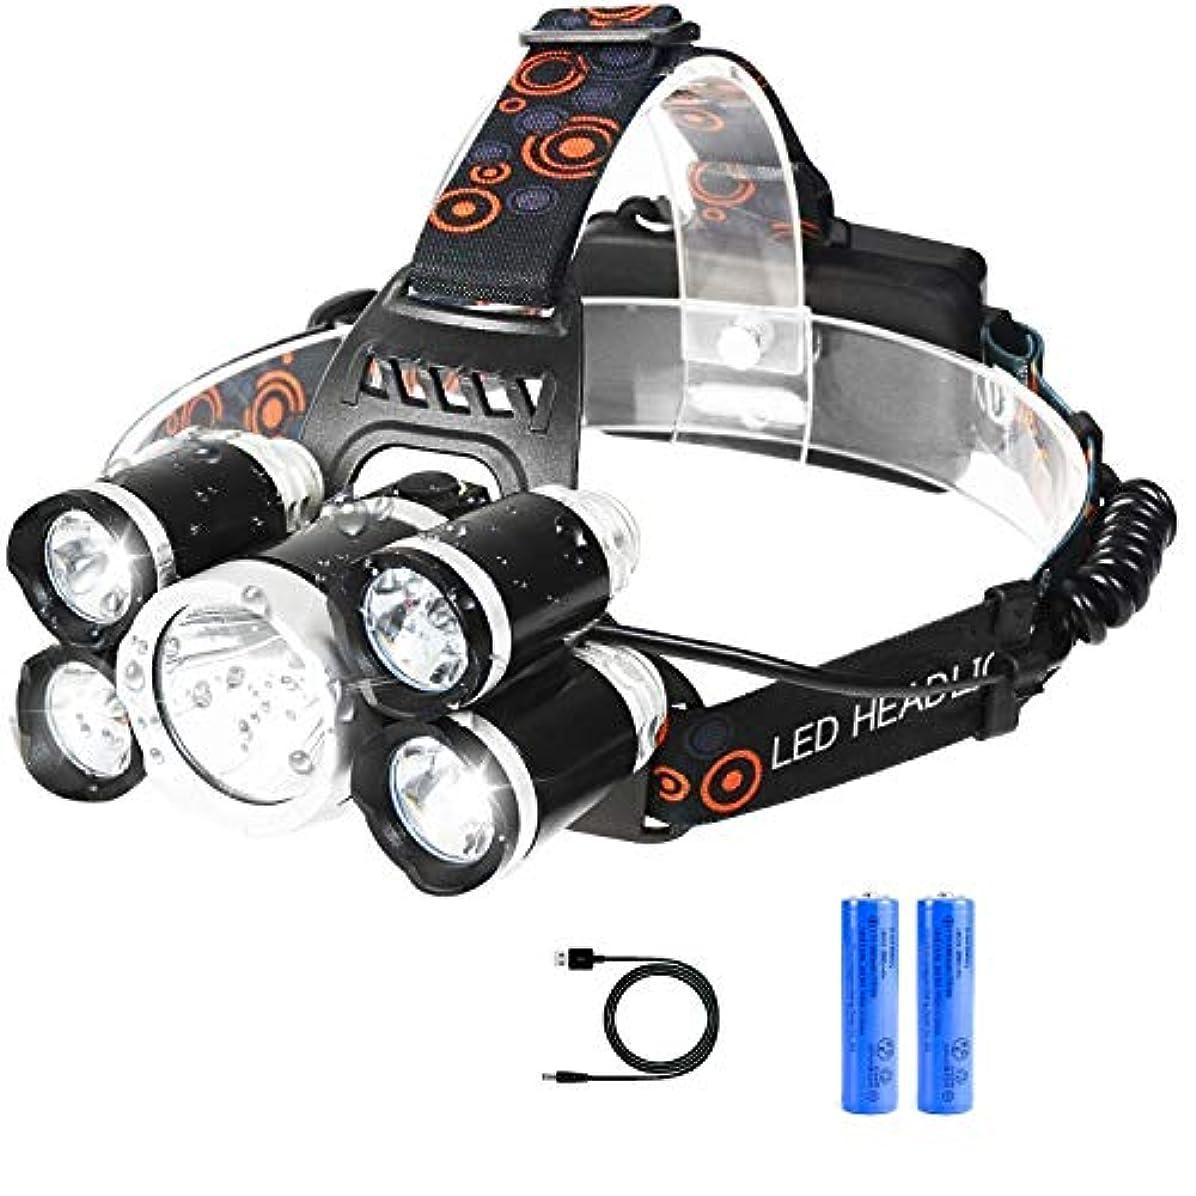 ダムポケット放射性RENYANG LED ヘッドライト充電式 アウトドア ヘッドランプ 防水 SOS機能 4種モード 徒歩 登山 釣り 防災 停電時用 高輝度 作業灯